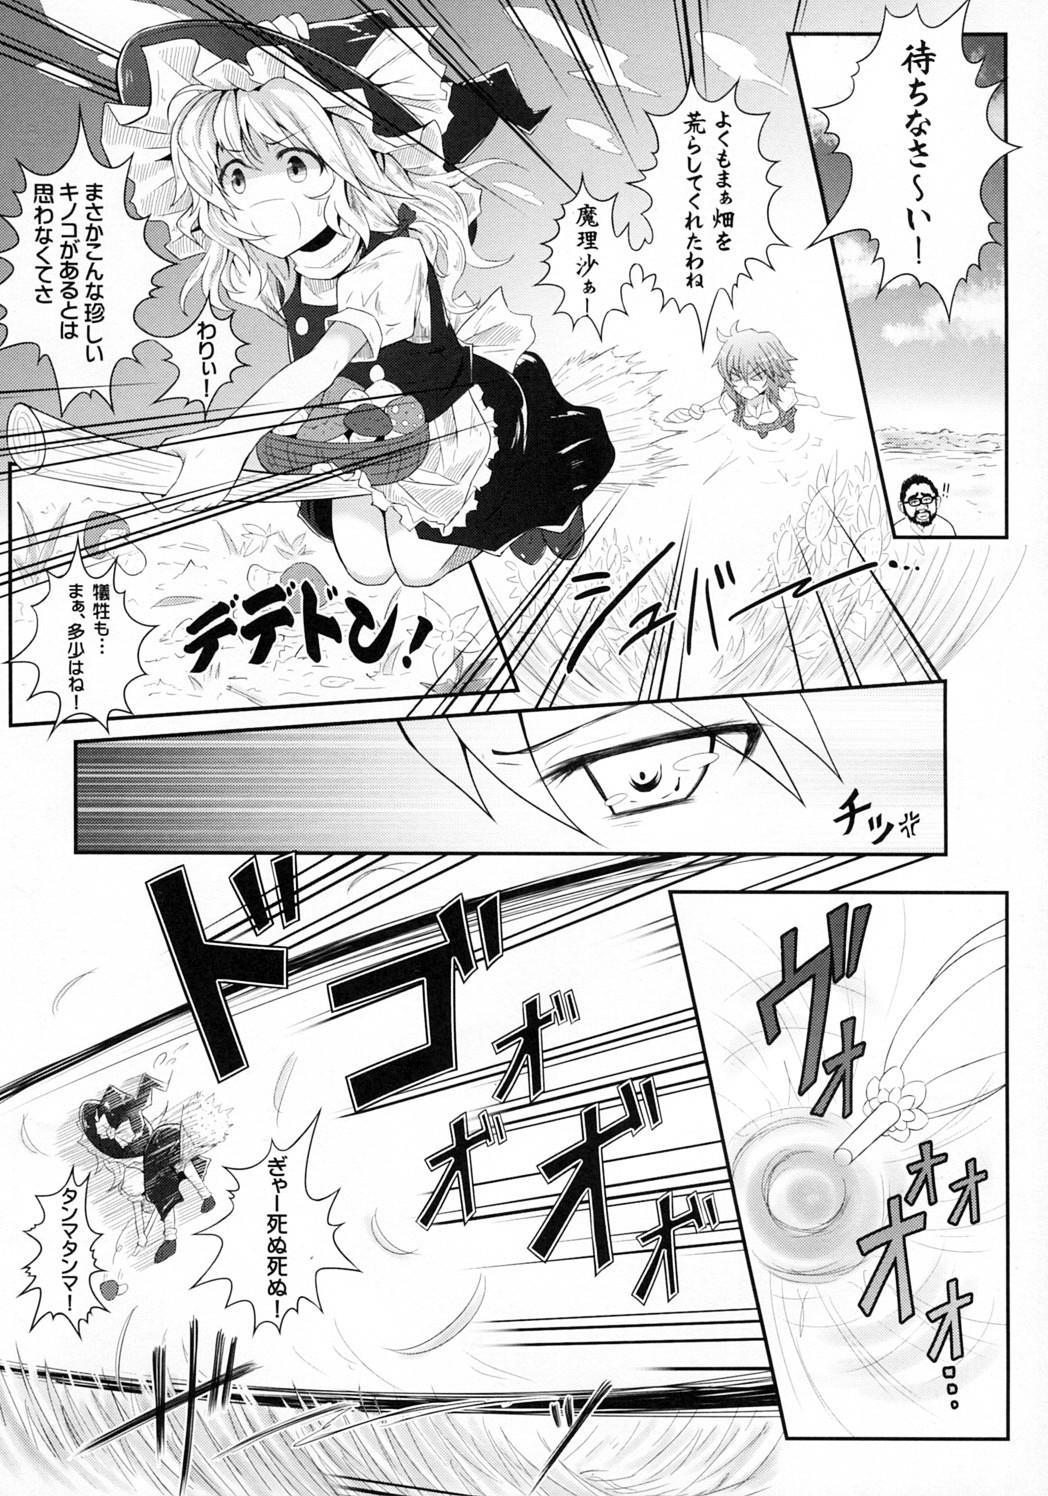 Hanakui Mushi 4